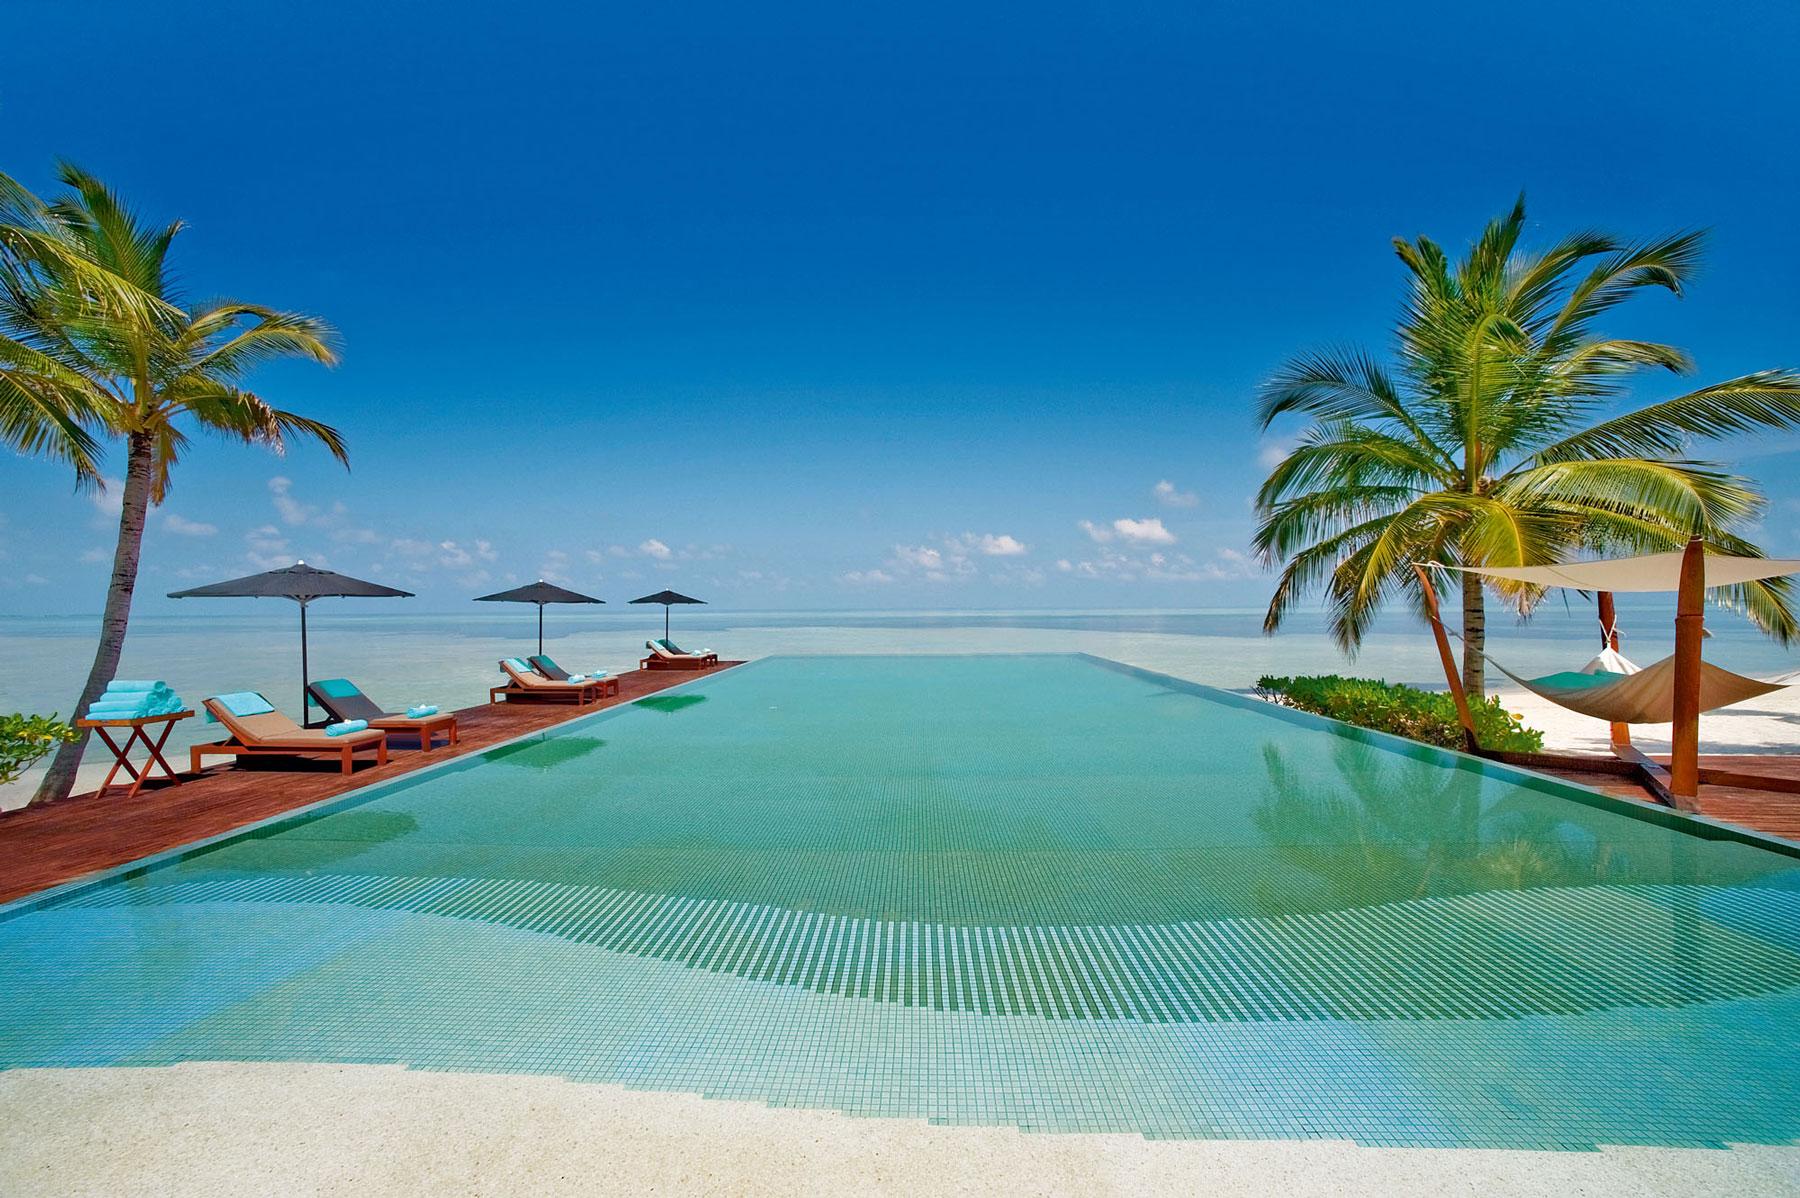 LUX-Maldives-19